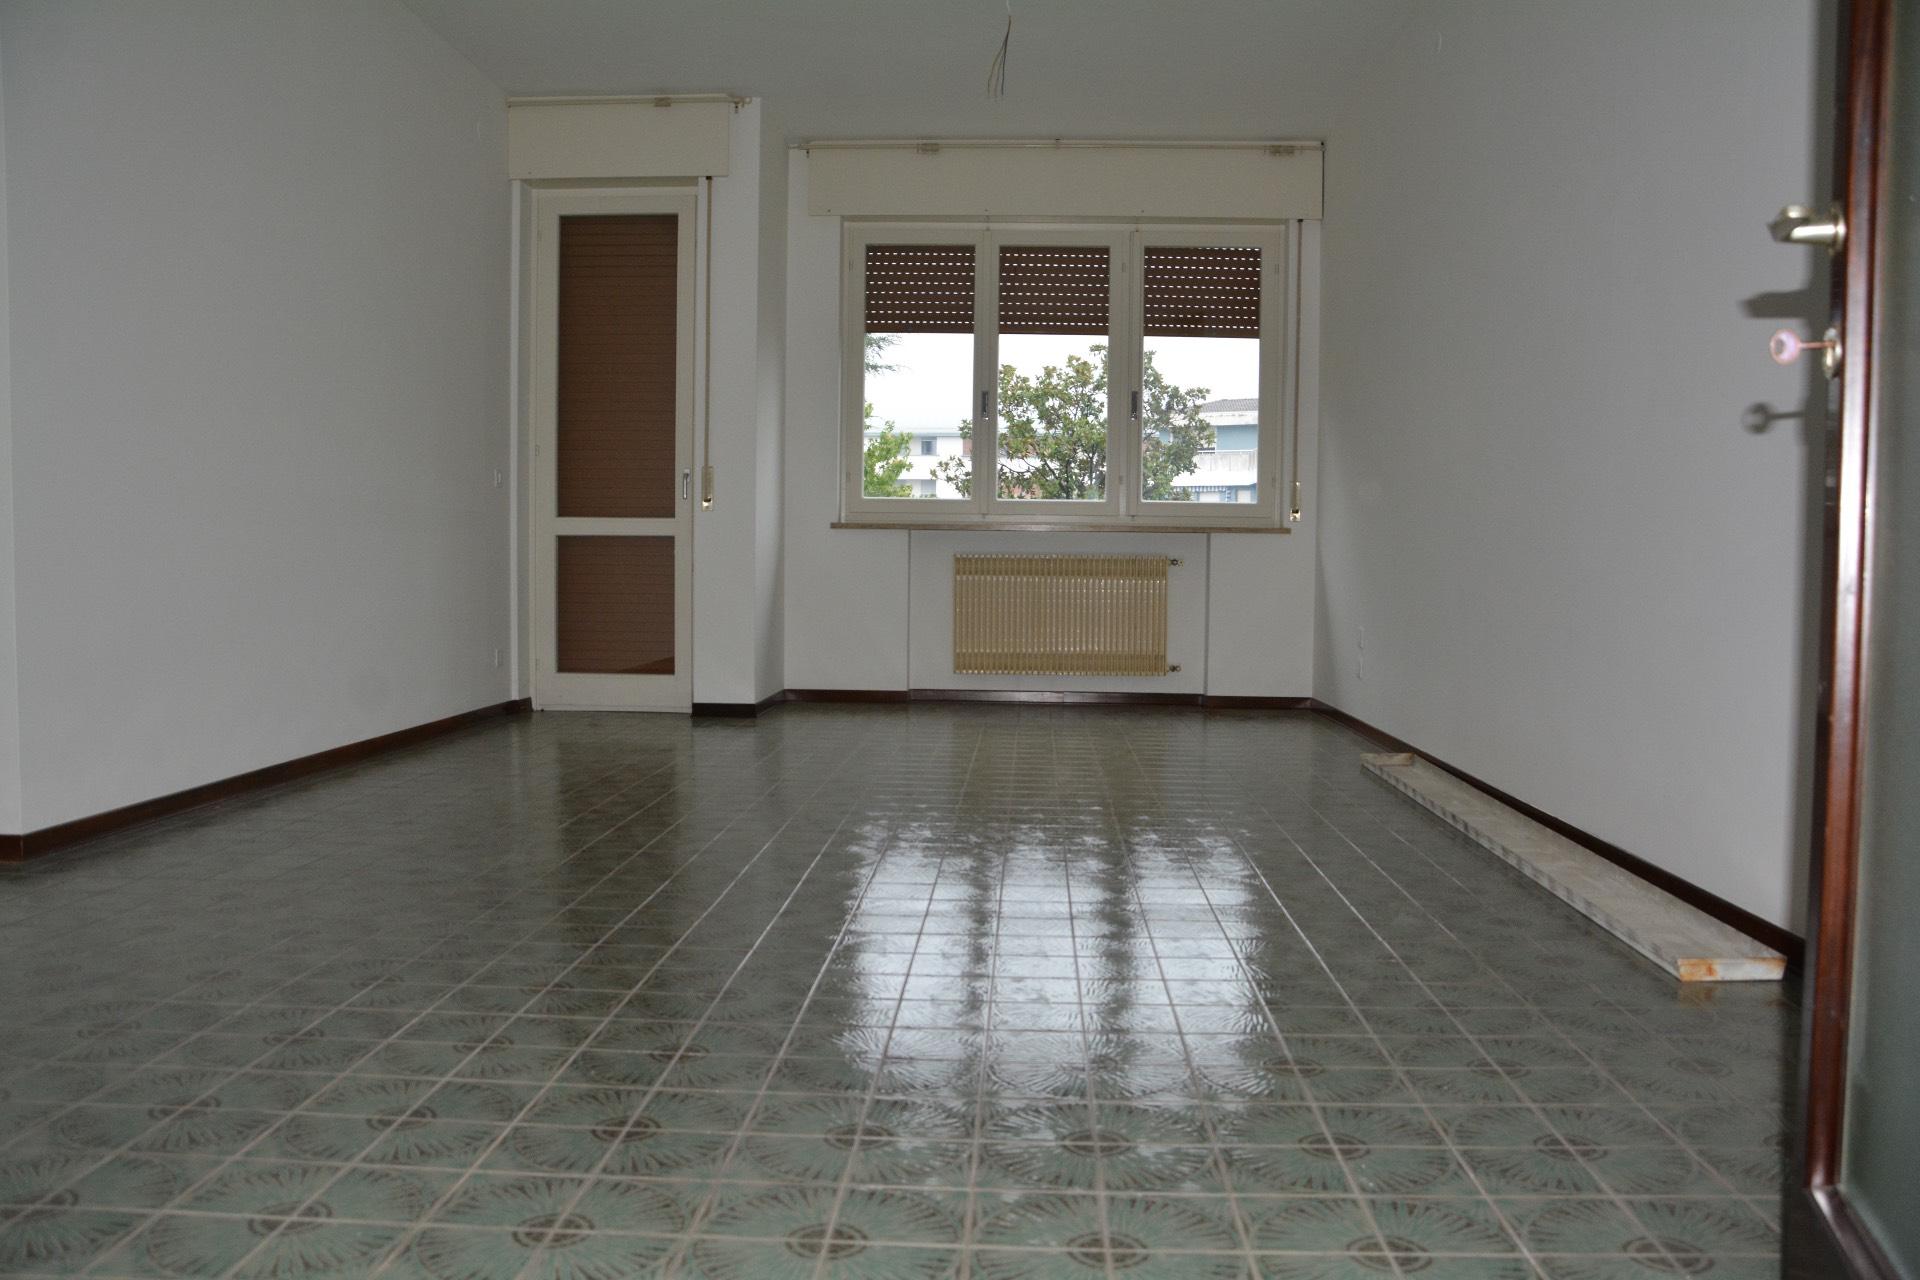 Appartamento in affitto a Conegliano, 8 locali, zona Località: Conegliano, prezzo € 480 | Cambio Casa.it